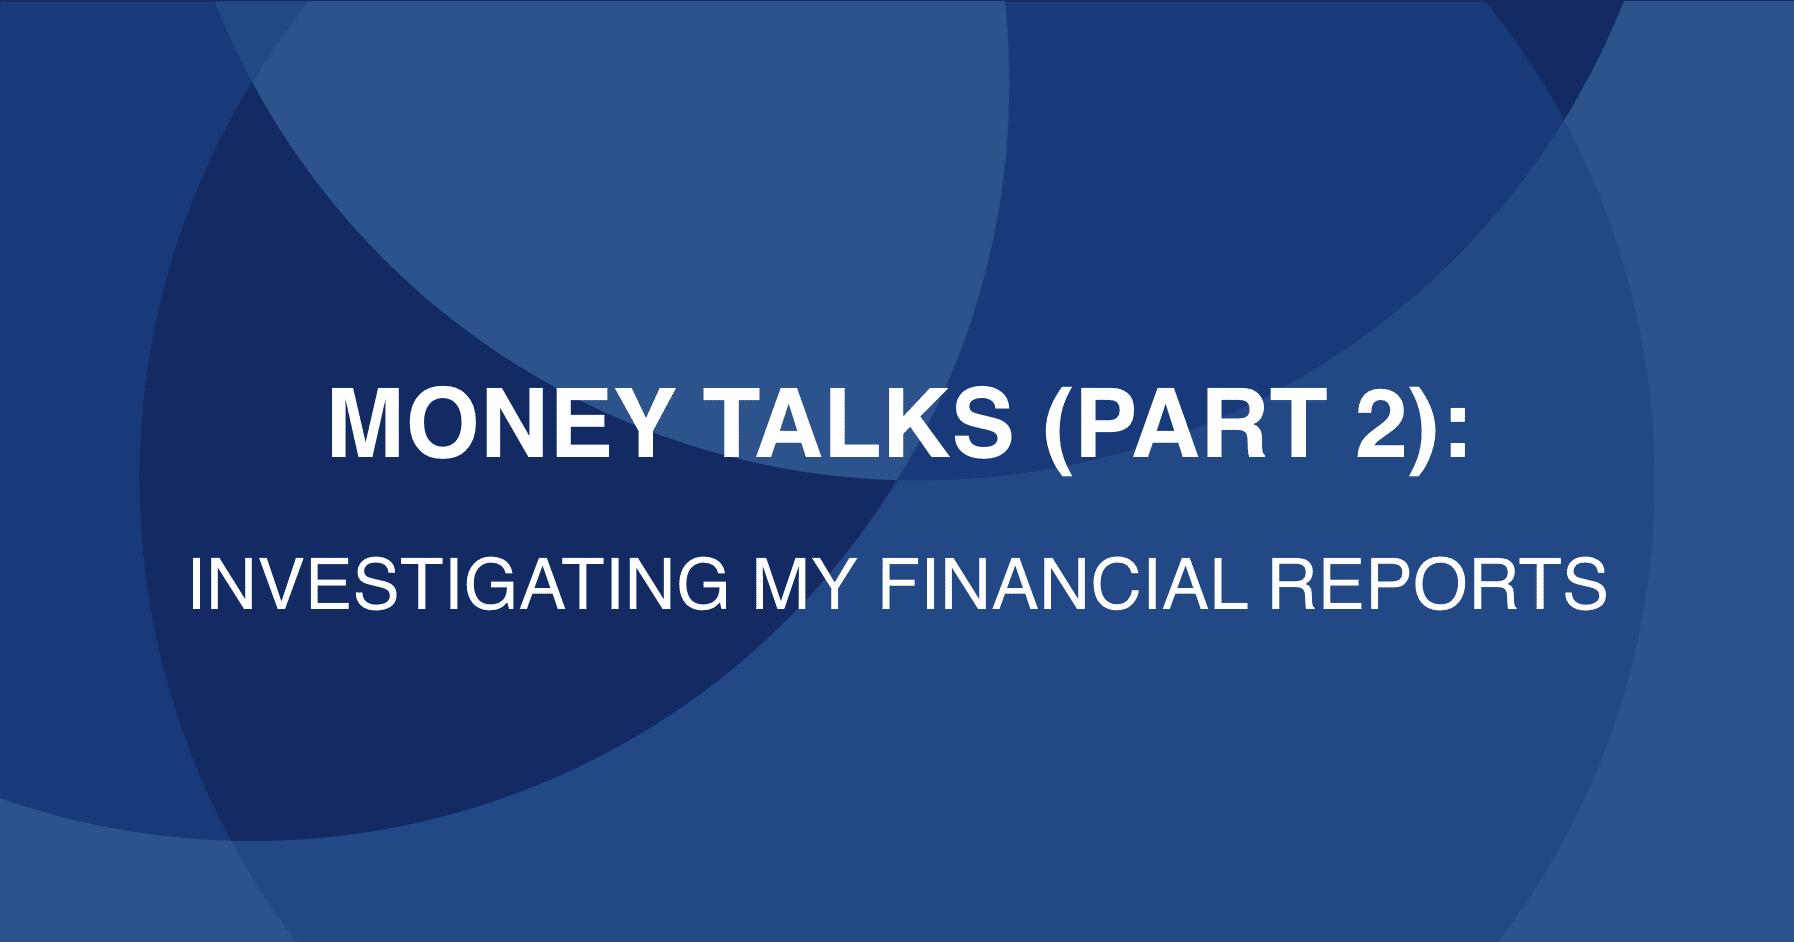 Money Talks (Part 2)